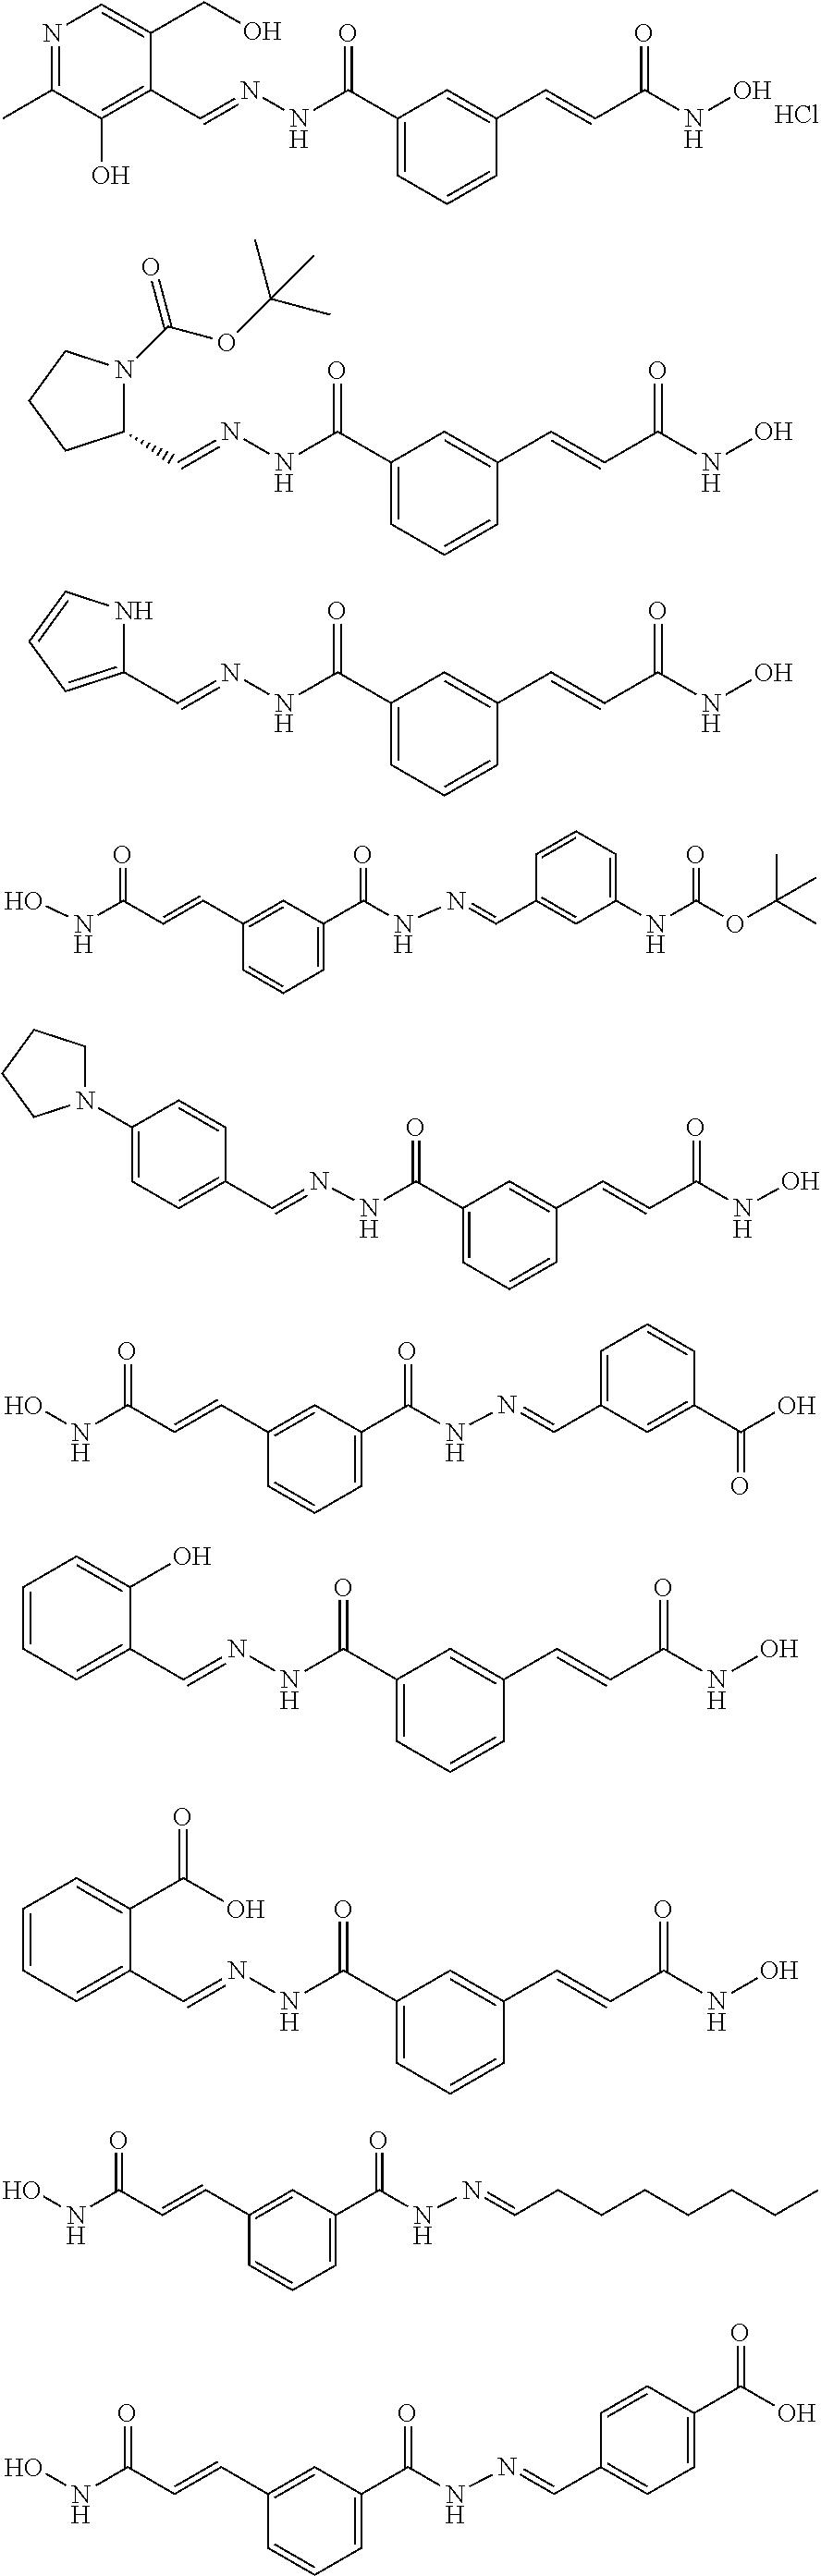 Figure US09540317-20170110-C00068